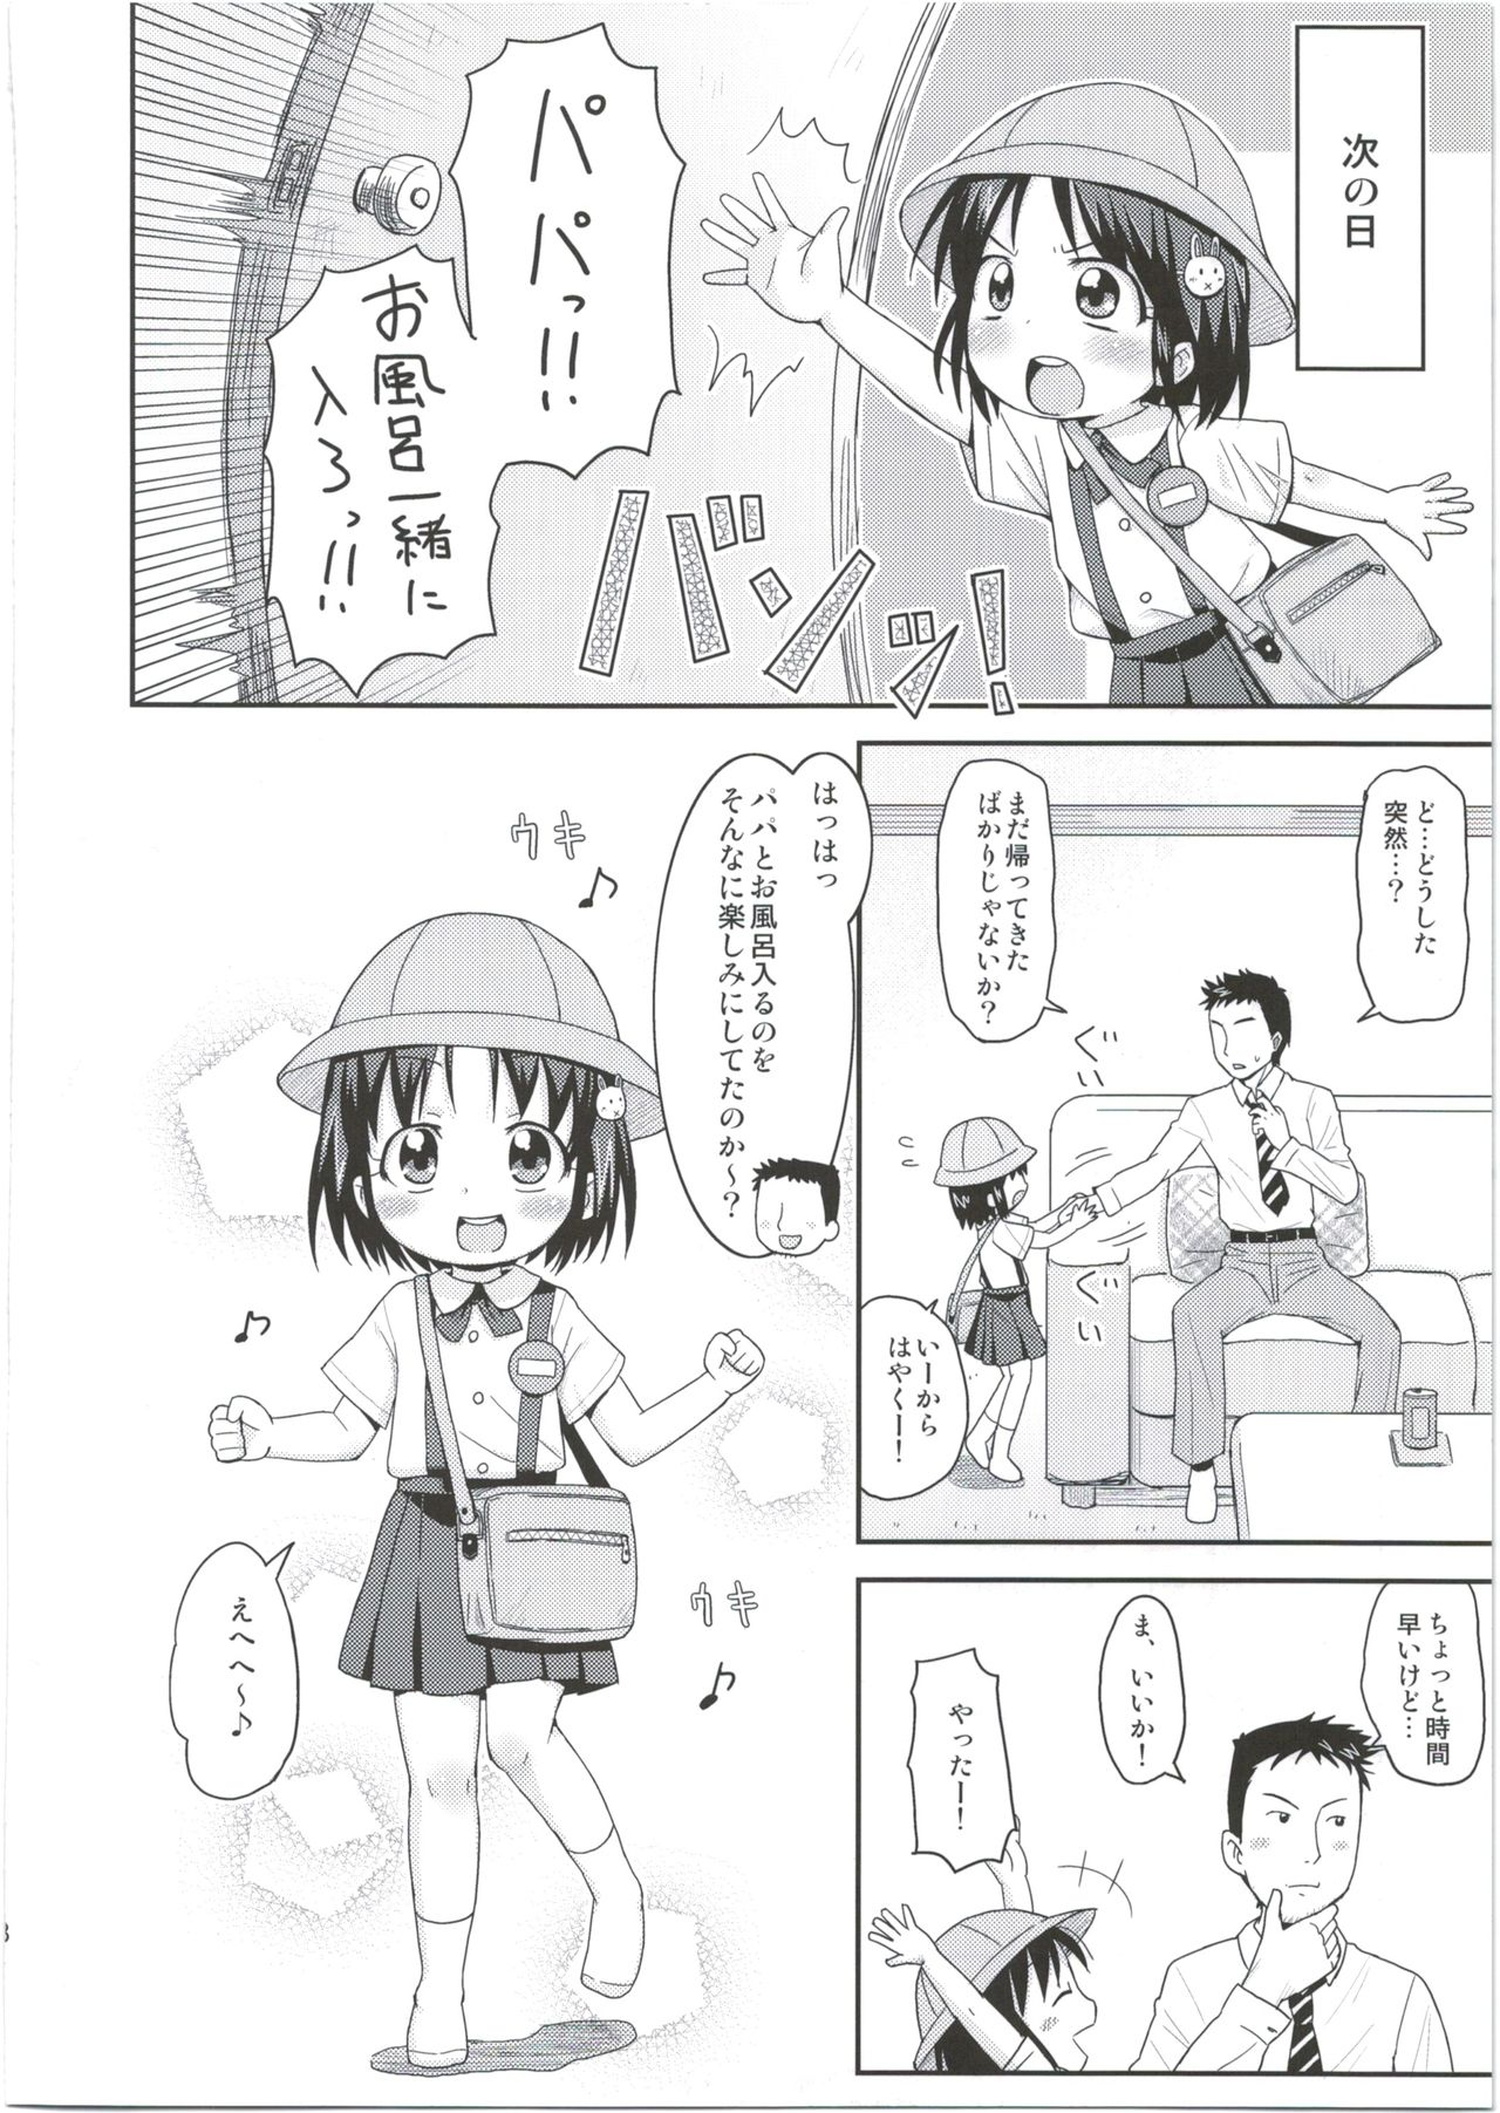 【エロ漫画・エロ同人誌】ロリ幼女な娘がパパのちんこが気持ち悪いって言うから特訓したったwww (7)